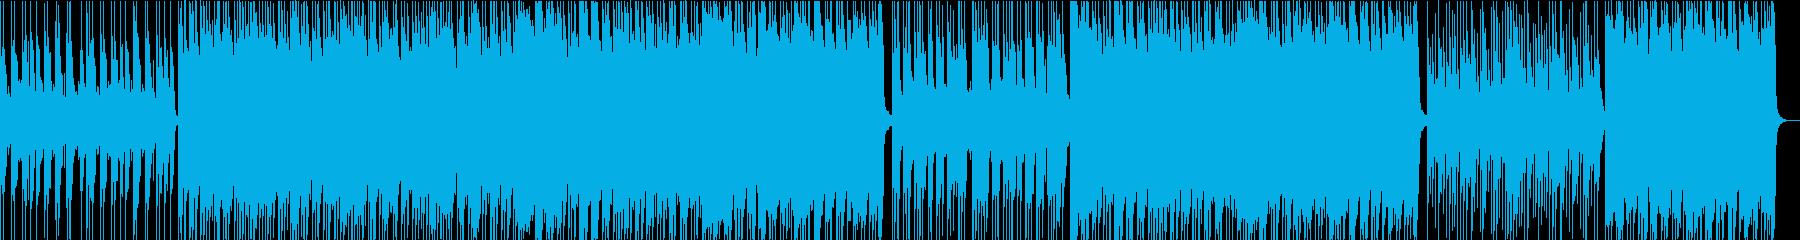 ポップロック研究所Bouncy-r...の再生済みの波形